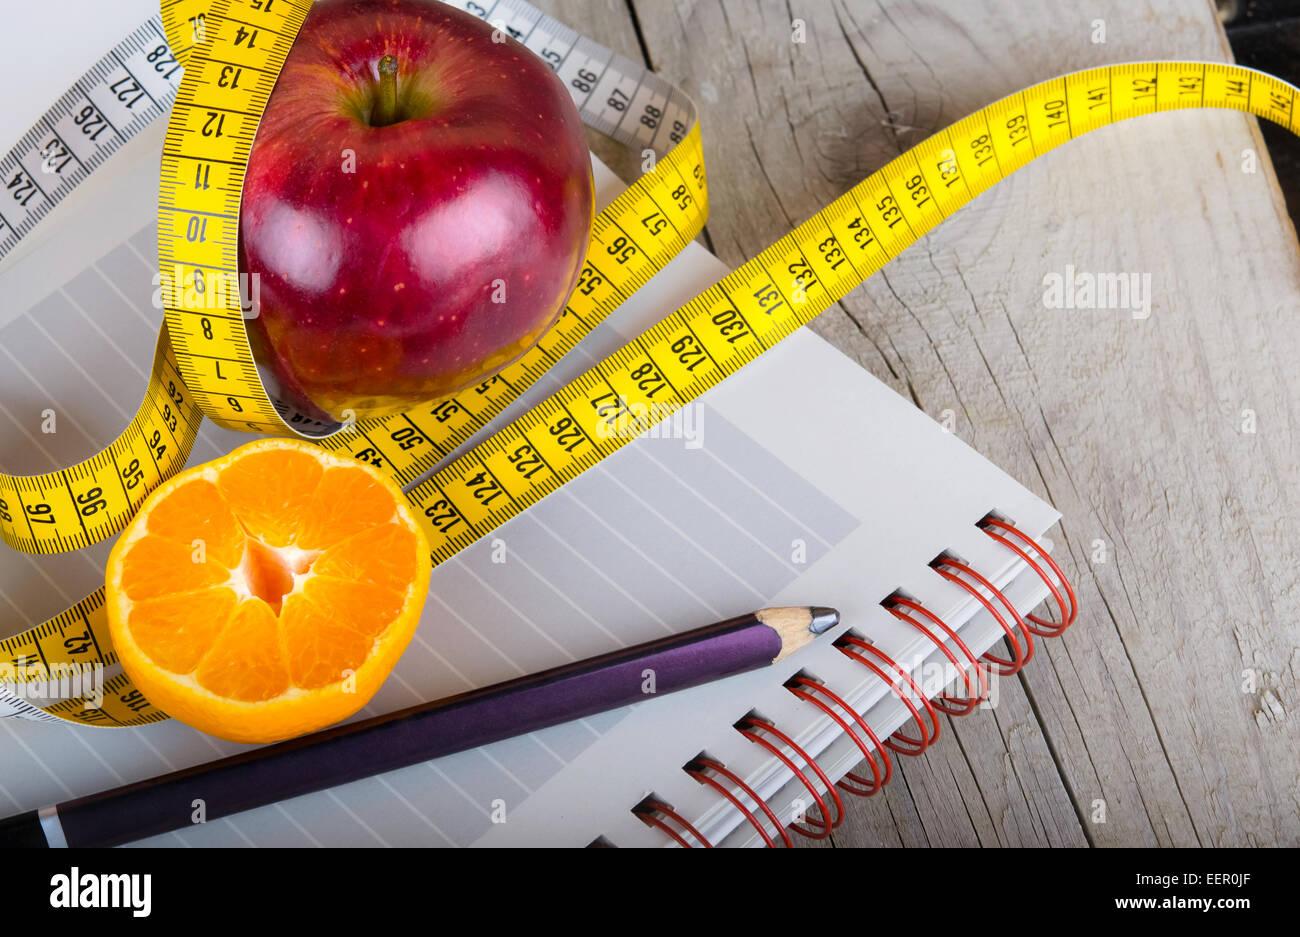 Maßband um ein Apple-Gewicht-Verlust-Foto gewickelt Stockbild